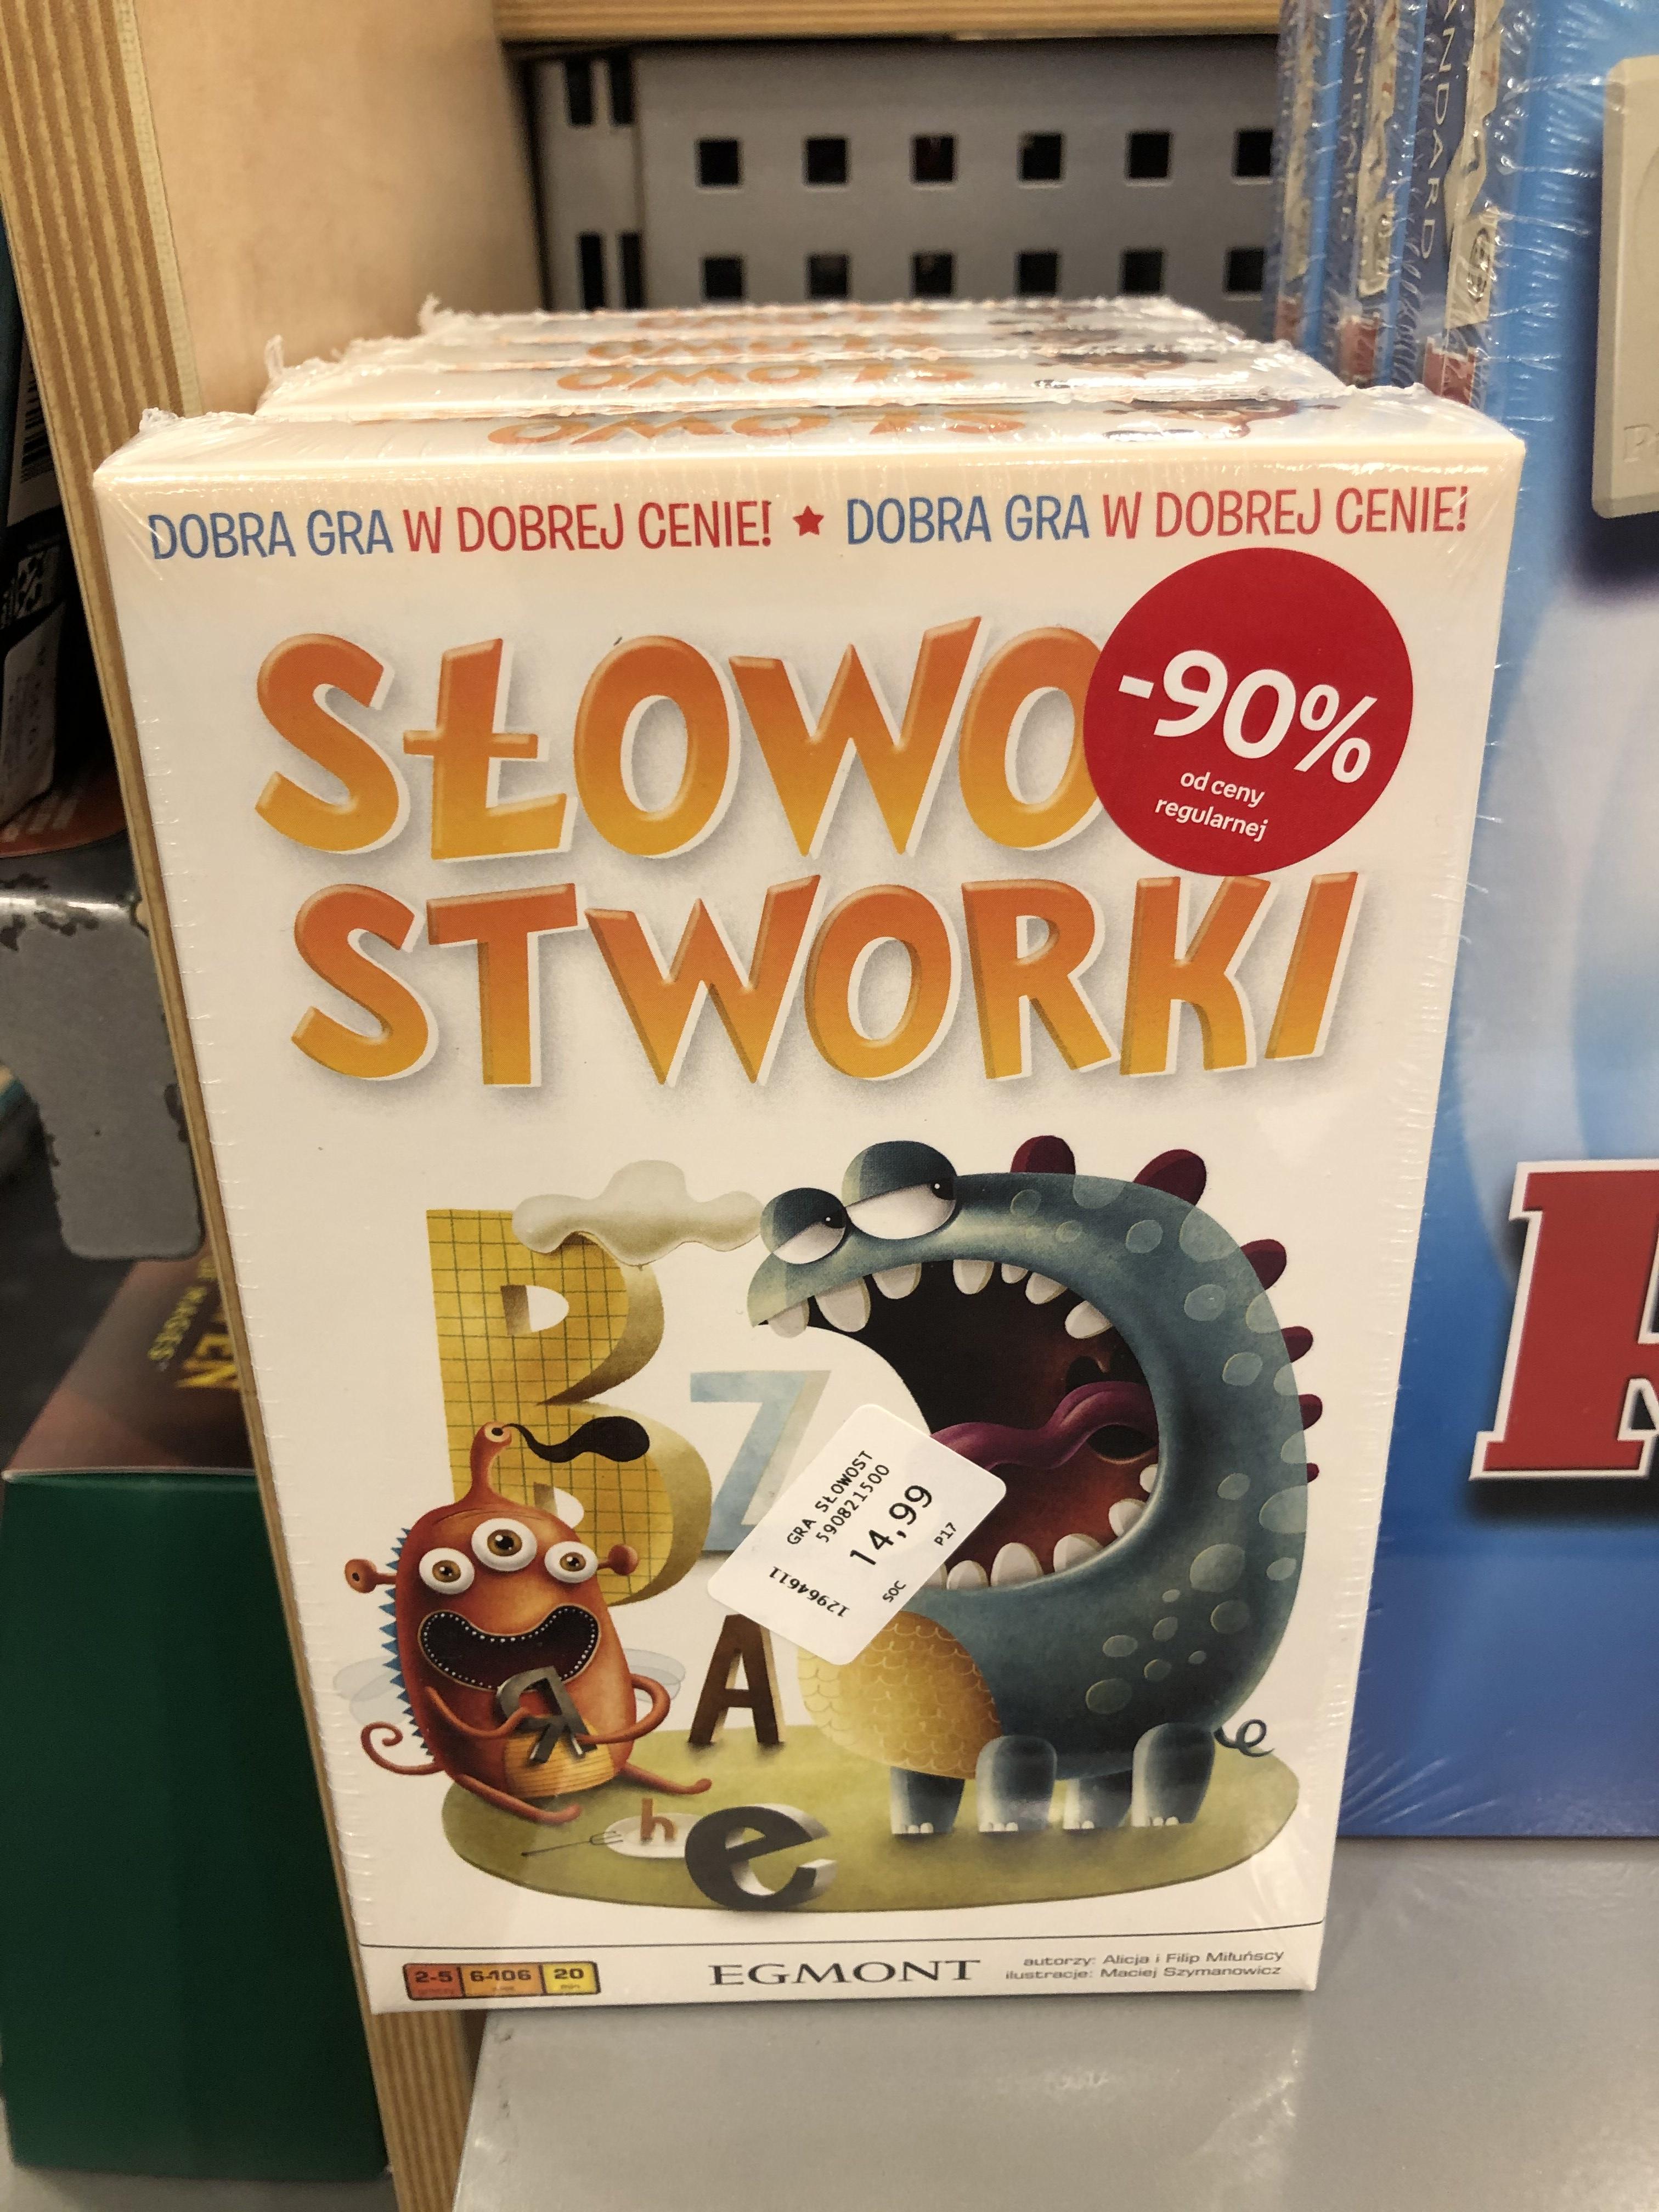 Słowostworki gra planszowa Empik Opole